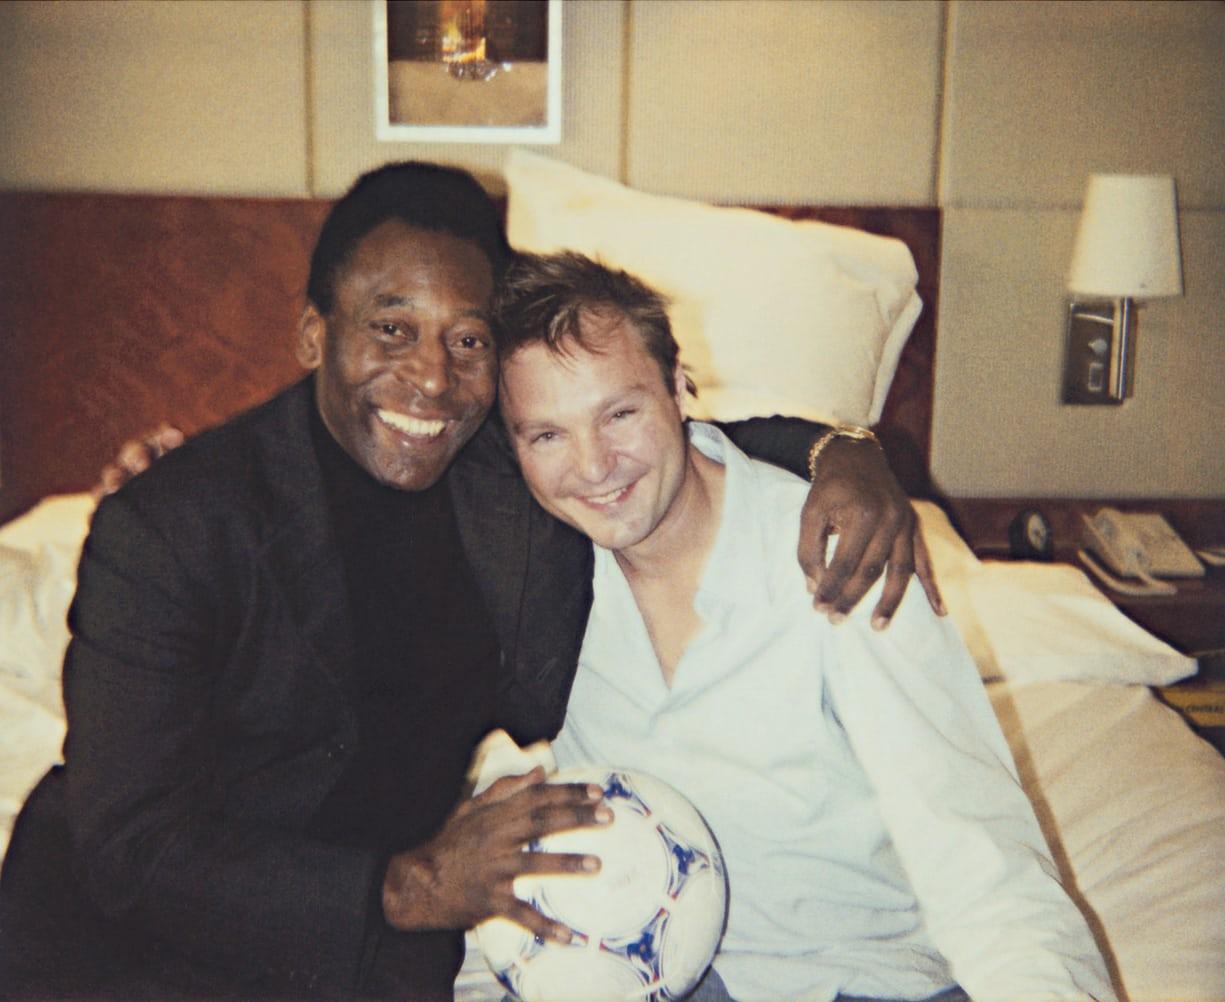 Pelé e Juergen Teller nos anos 2000 / Juergen Teller / Reprodução